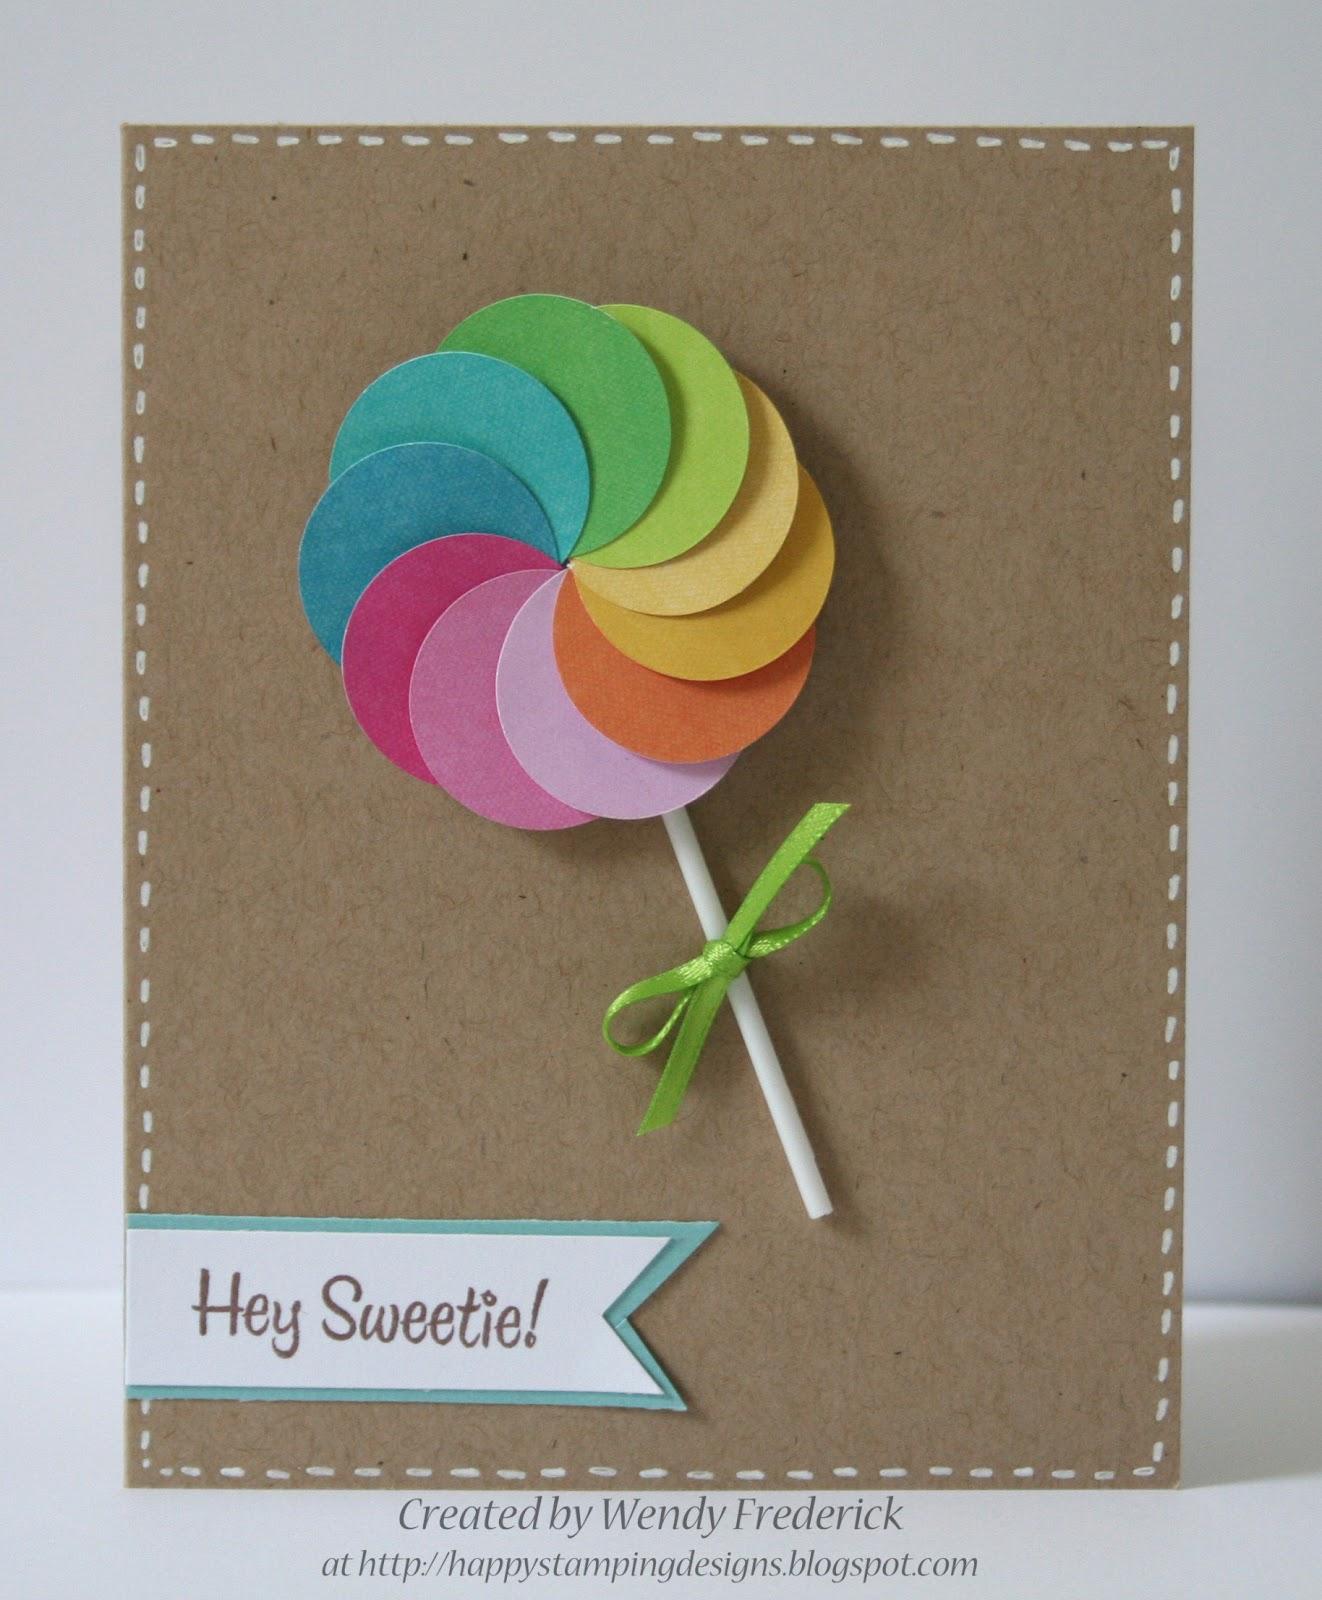 открытки на день рождения своими руками легкие - Самоделкины